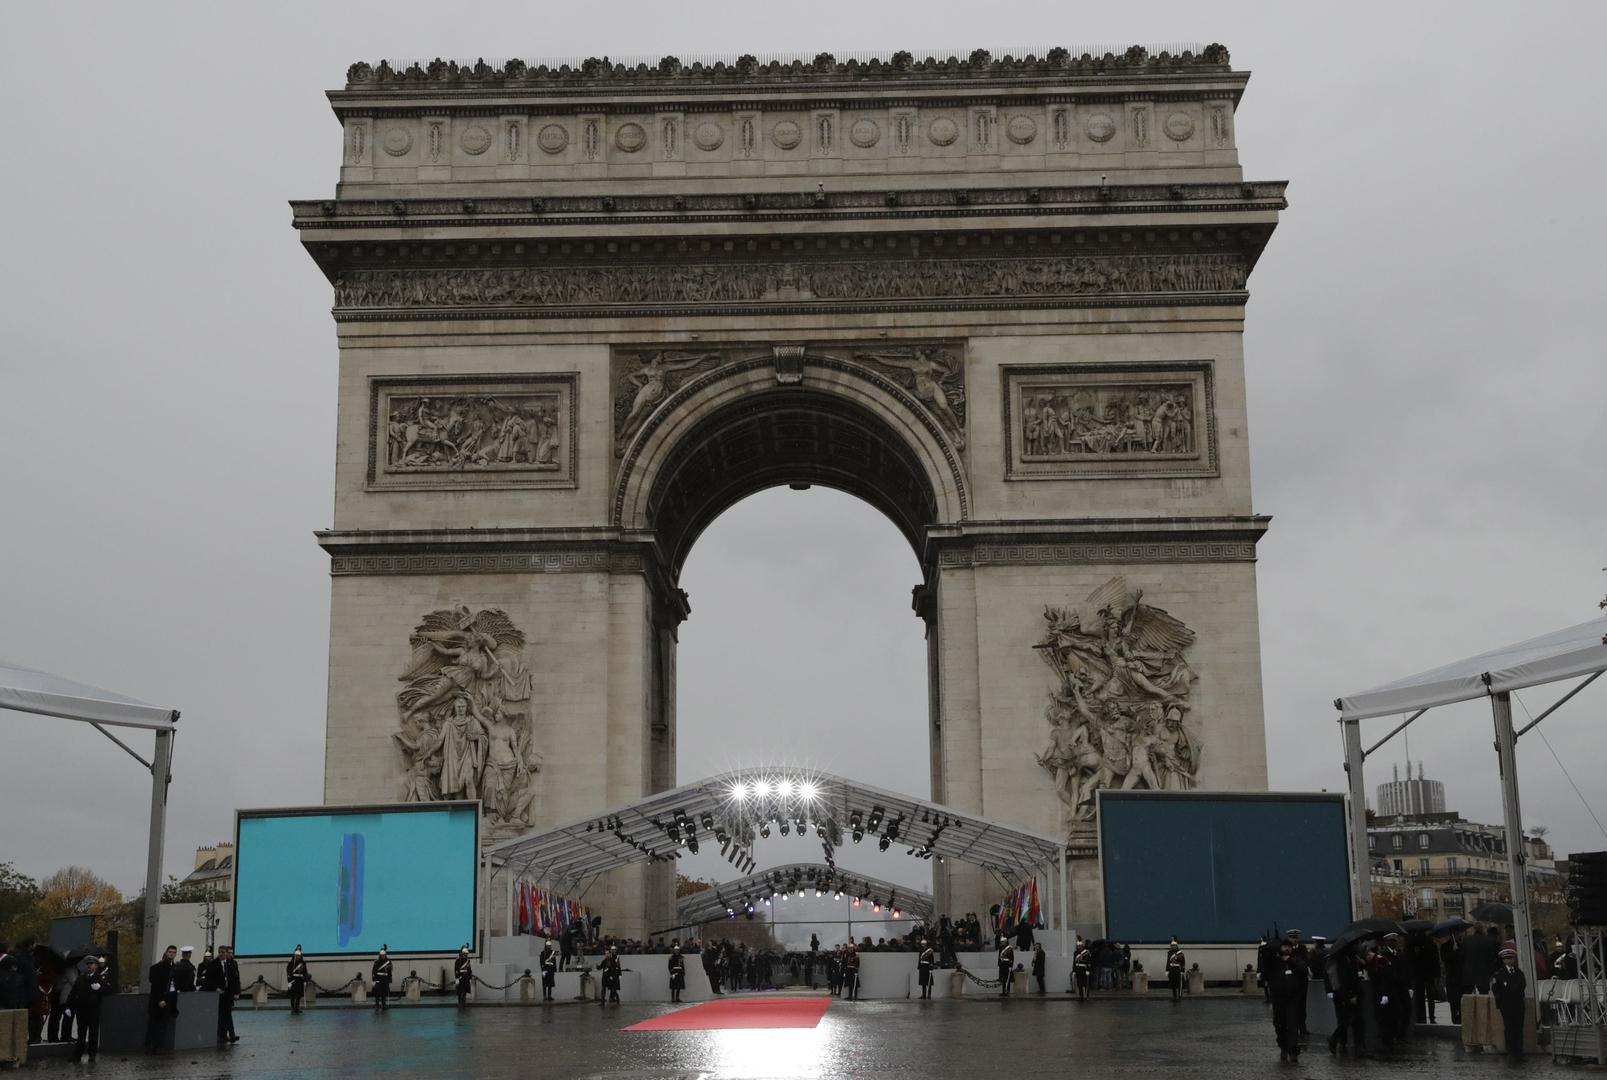 فرنسا تنفي صحة تقارير إعلامية وتؤكد أنها لن تتنازل عن مقعدها في مجلس الأمن